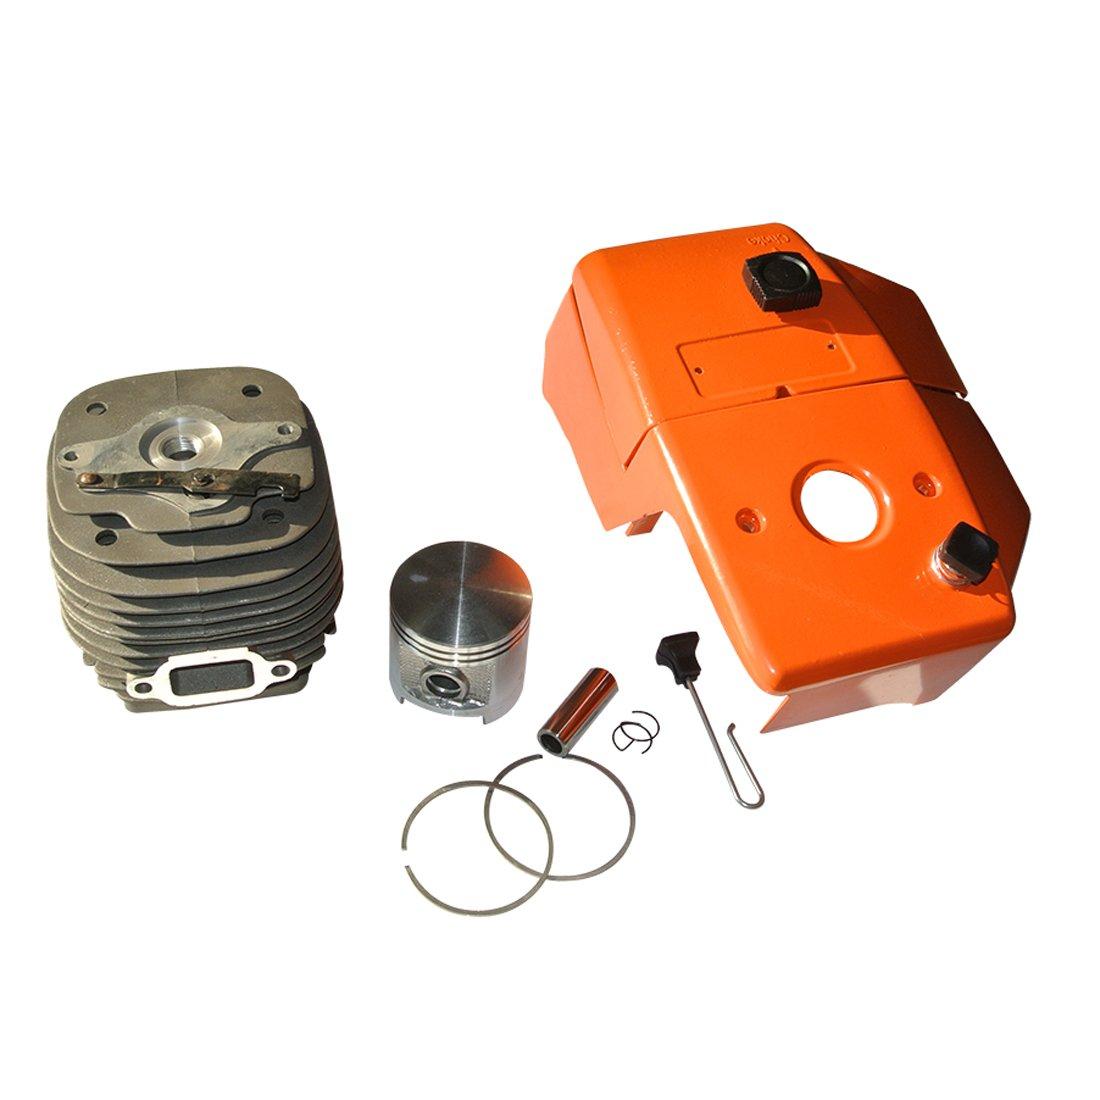 Kit Cilindro per pistone da 58 mm e Copertura per Cilindro Motosega per STIHL 070 090 Ruichang